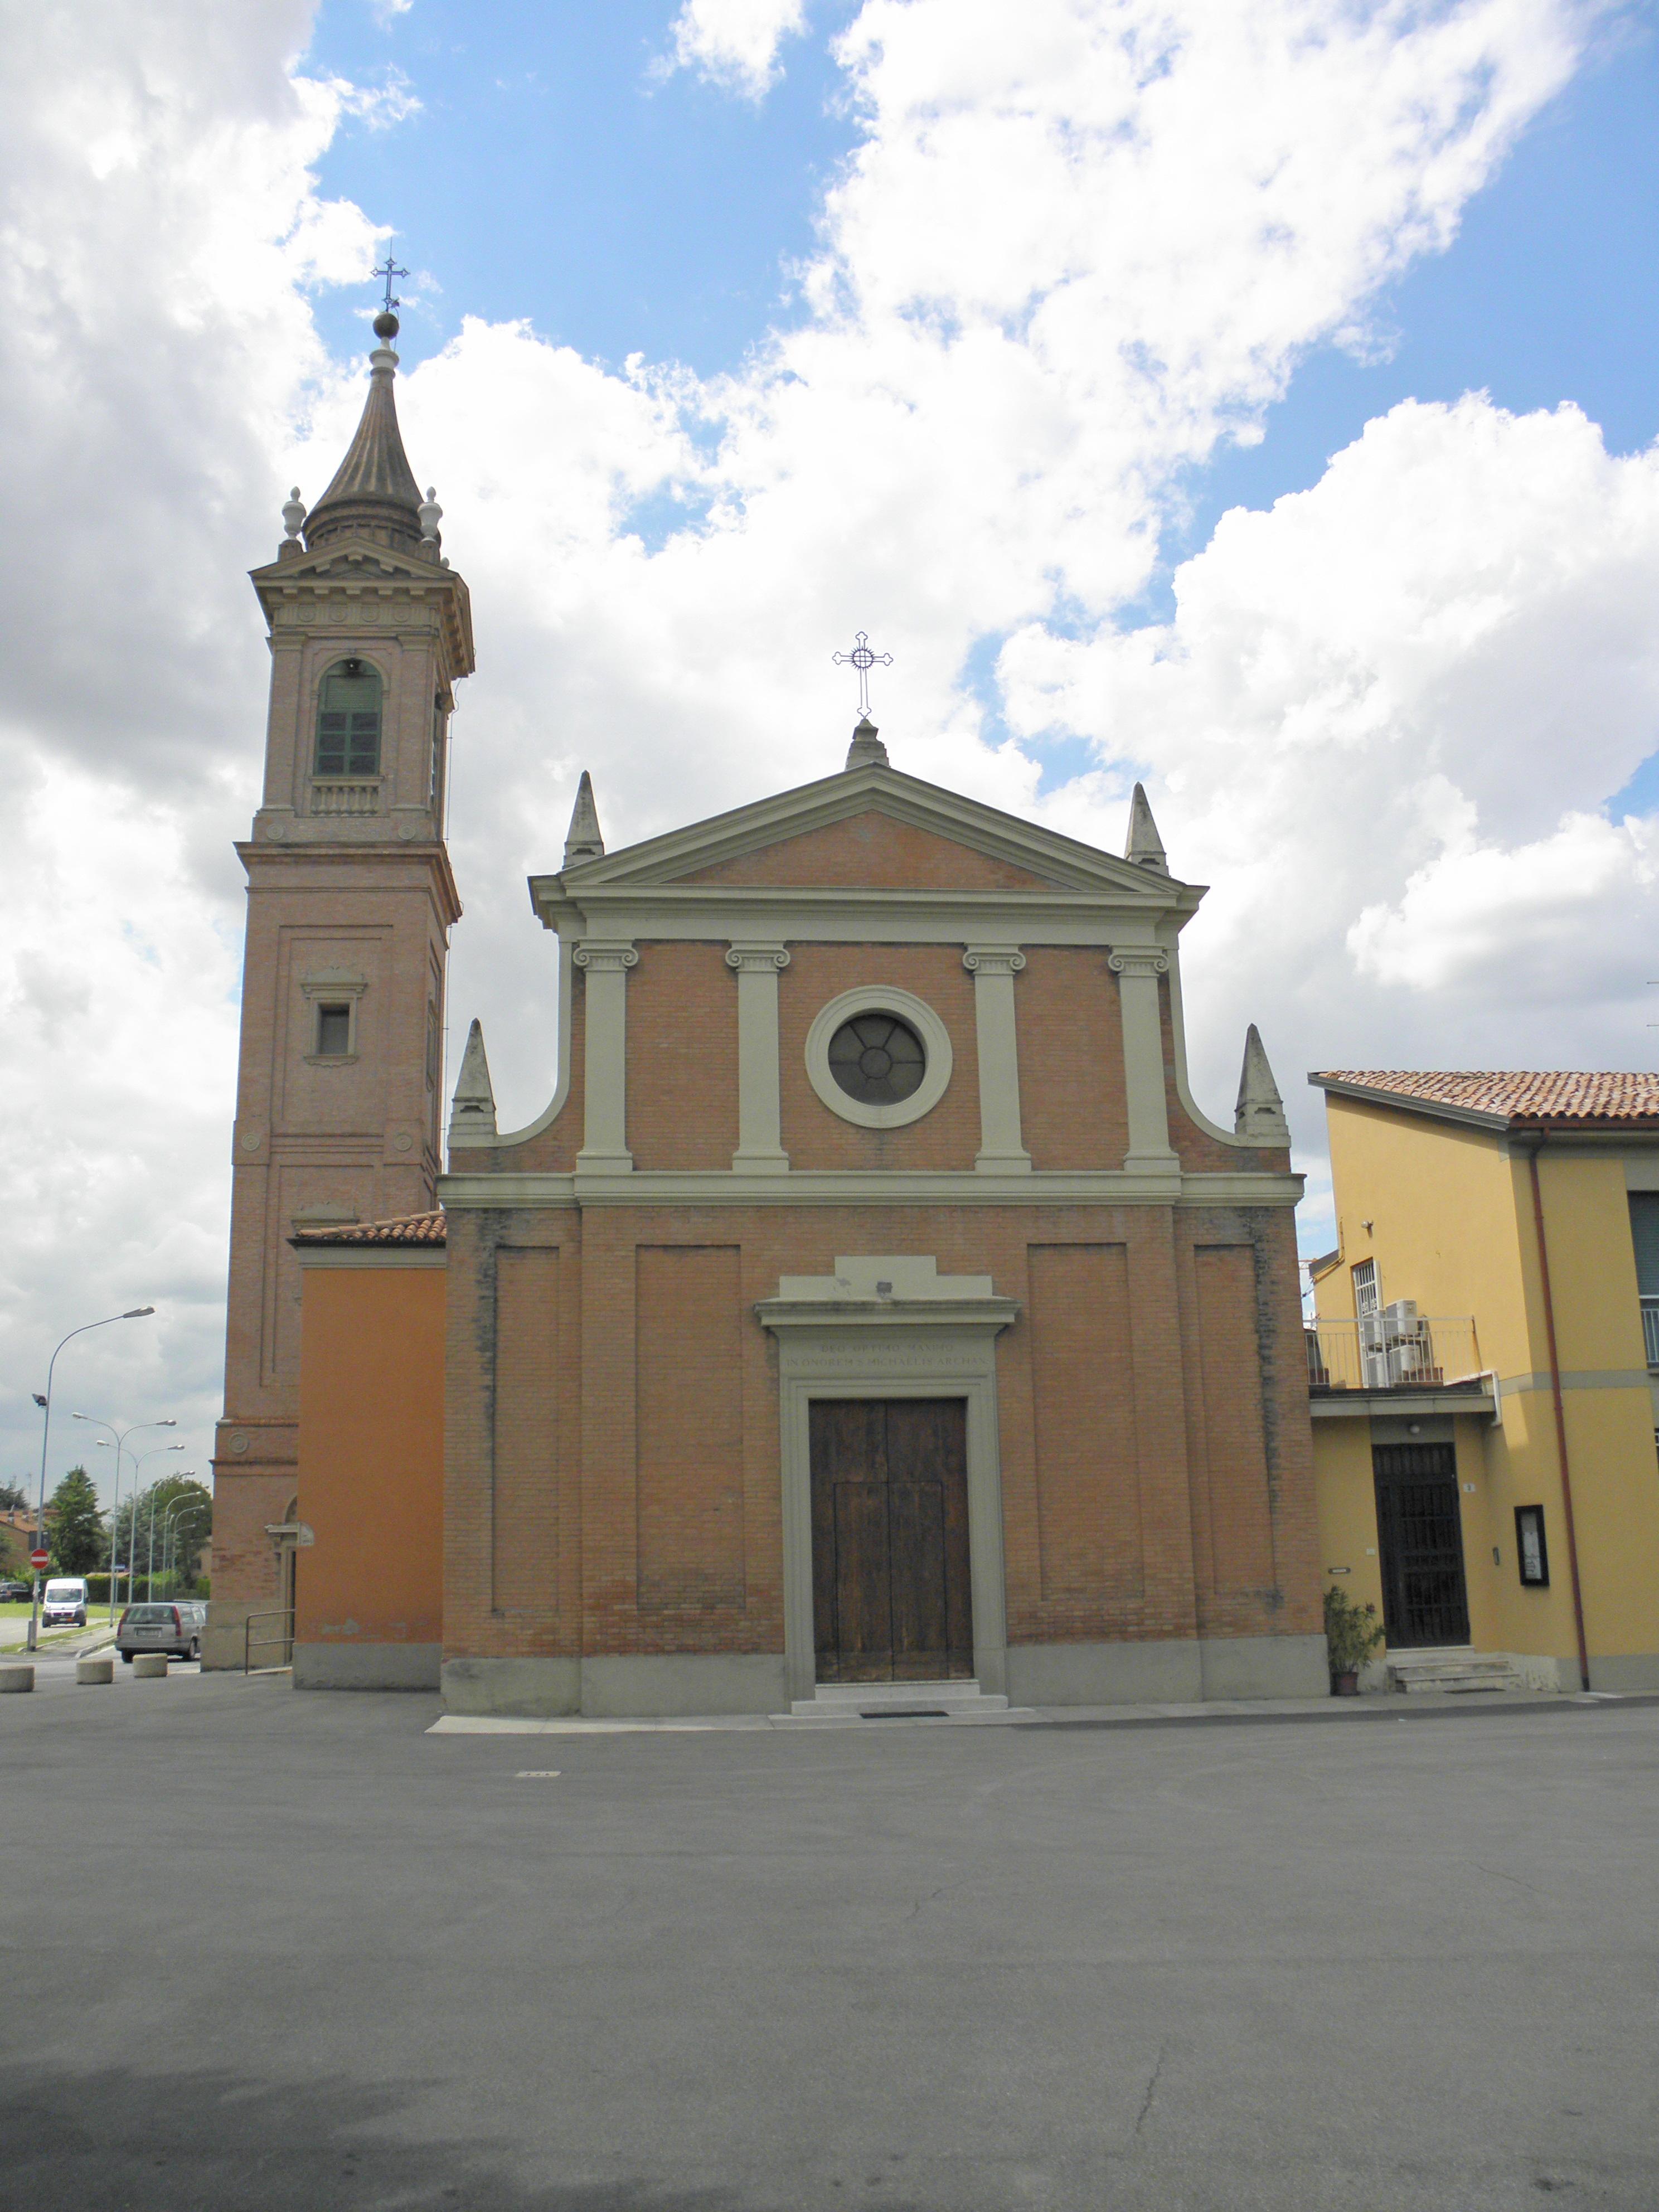 Comune Di Granarolo Dell Emilia file:san michele arcangelo (quarto inferiore, granarolo dell